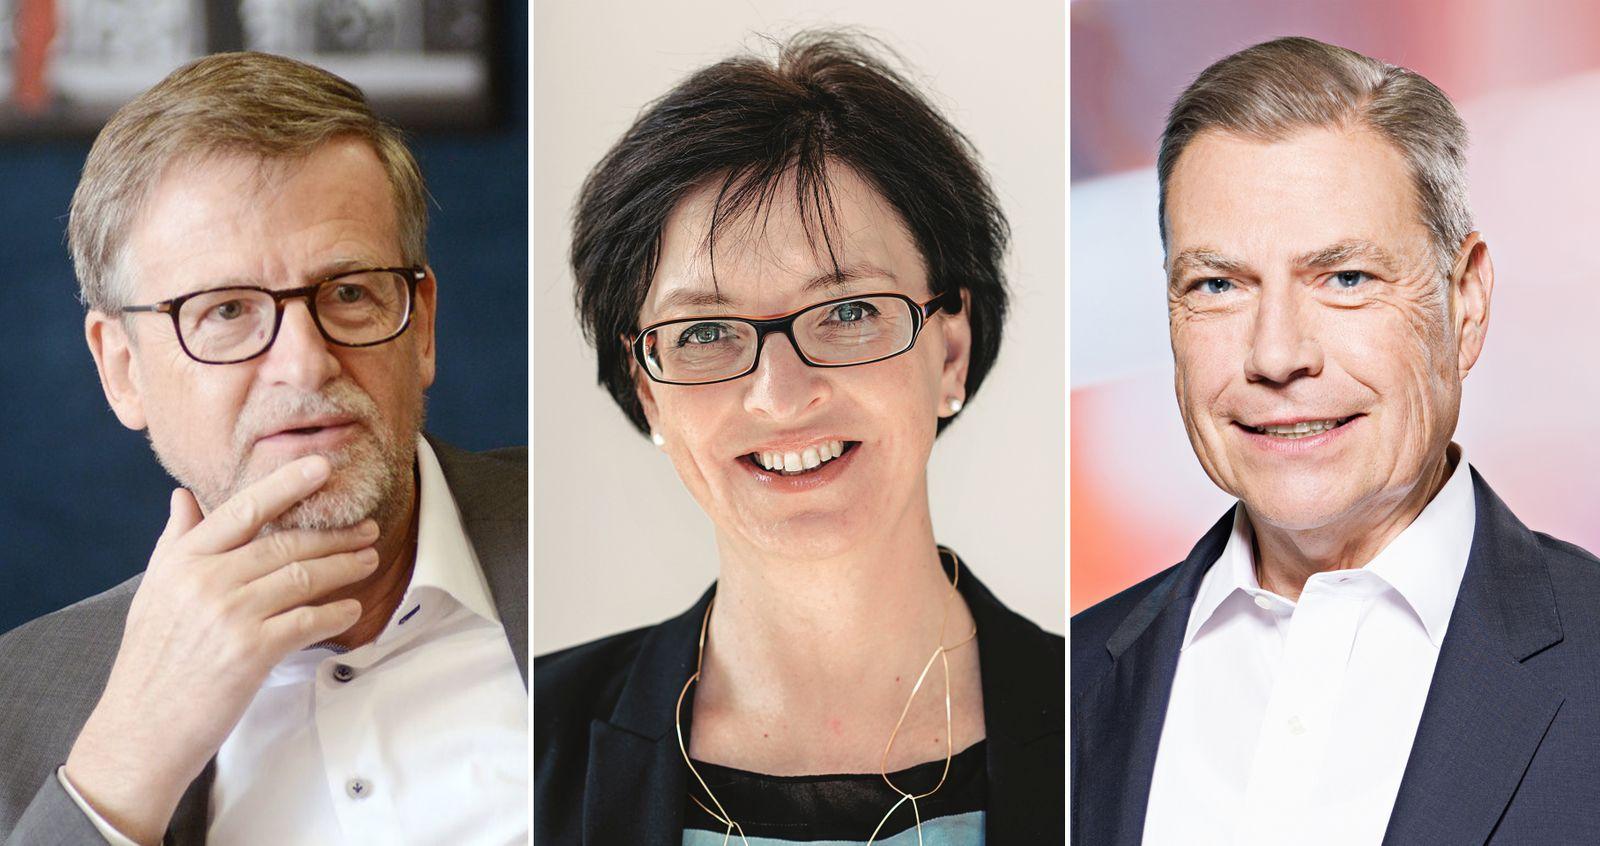 KOMBO Jörn Werner / Karin Sonnenmoser / Dr Haag Molkenteller